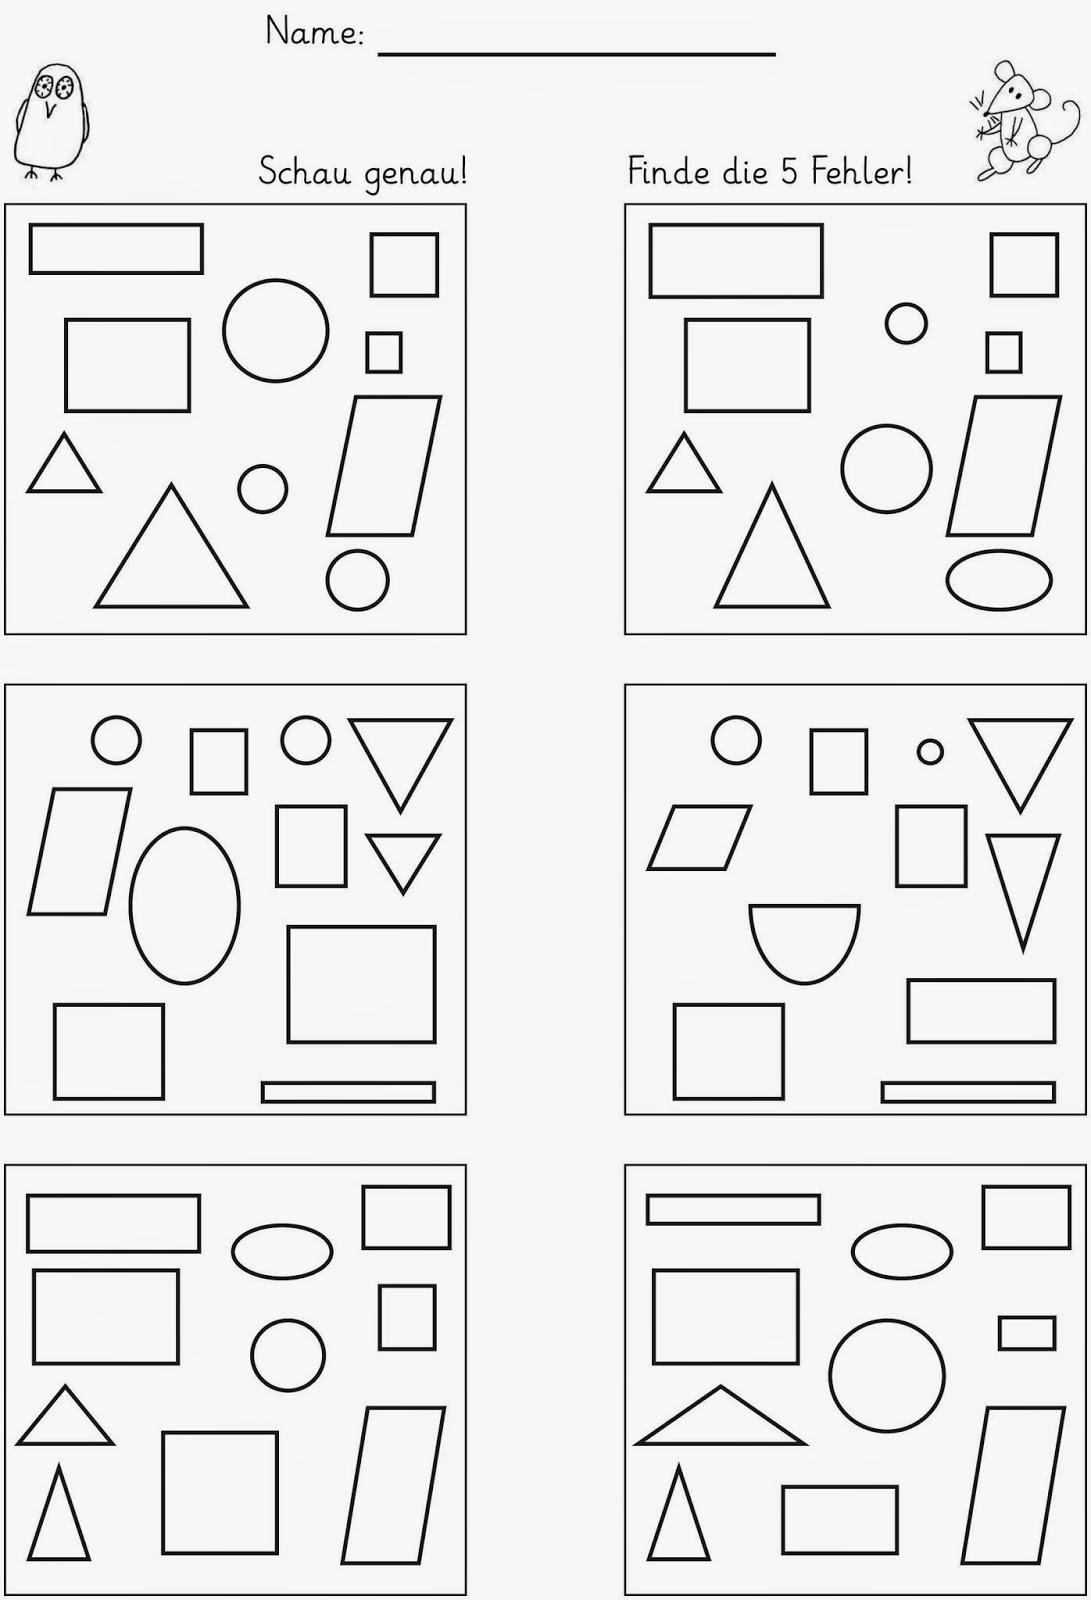 lernst bchen unterschiede finden. Black Bedroom Furniture Sets. Home Design Ideas